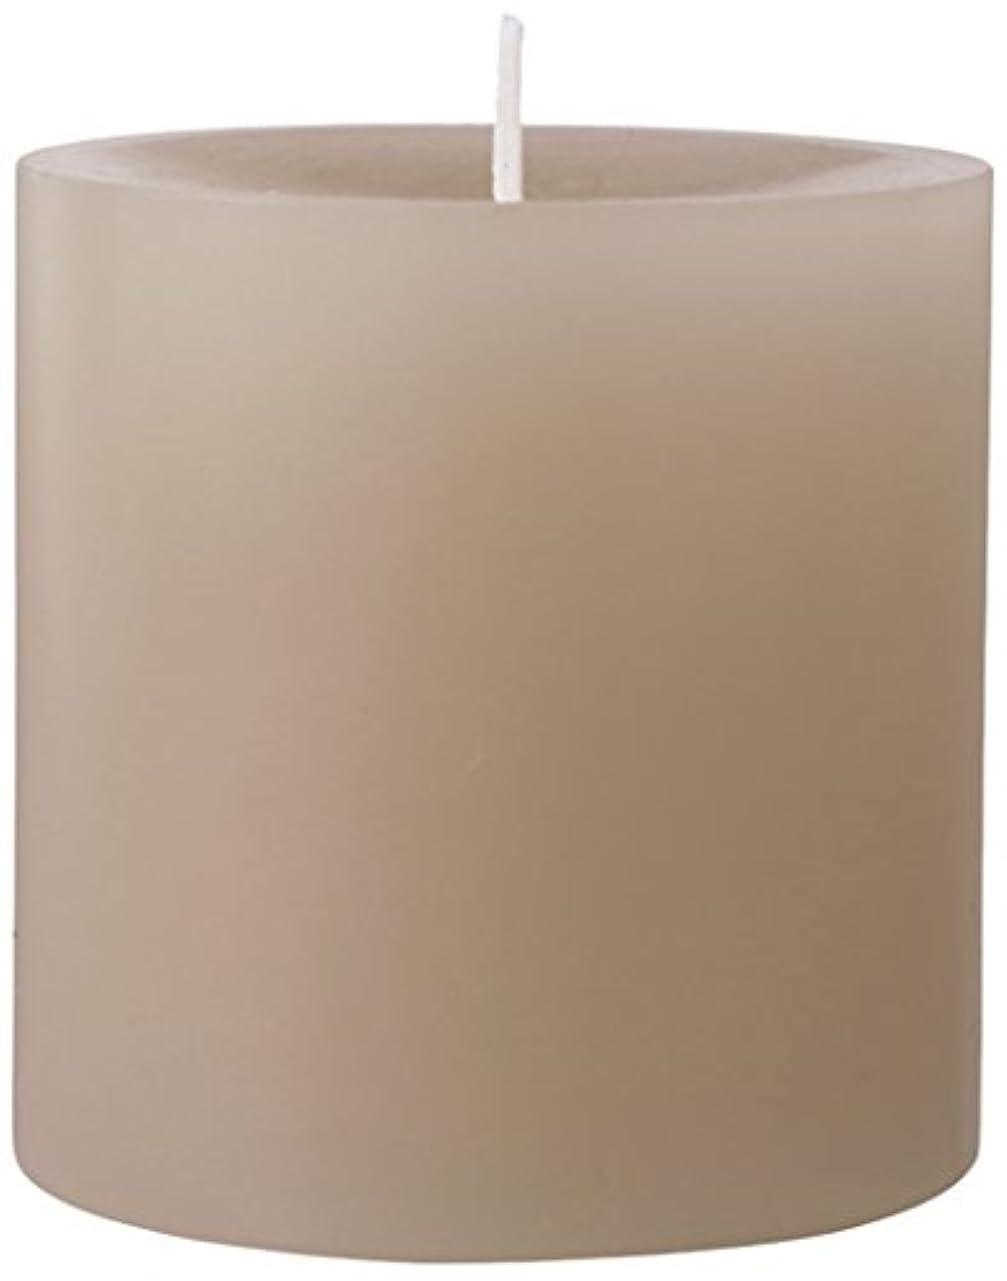 チーズリレー製油所75×75ピラーキャンドル 「 サンドベージュ 」 A5000000SB